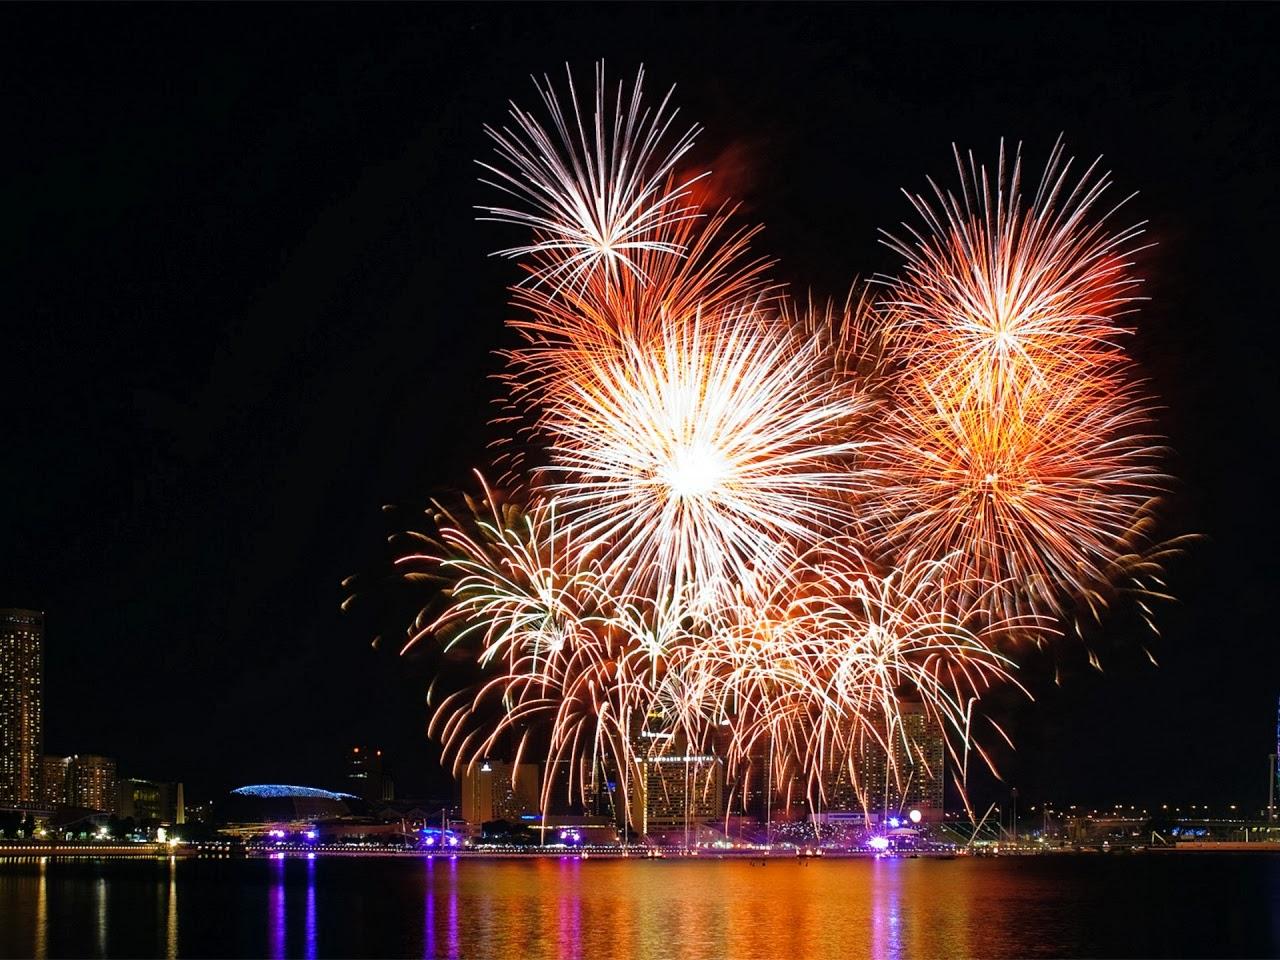 ... en marcha rituales para alejar la mala suerte en el año nuevo para